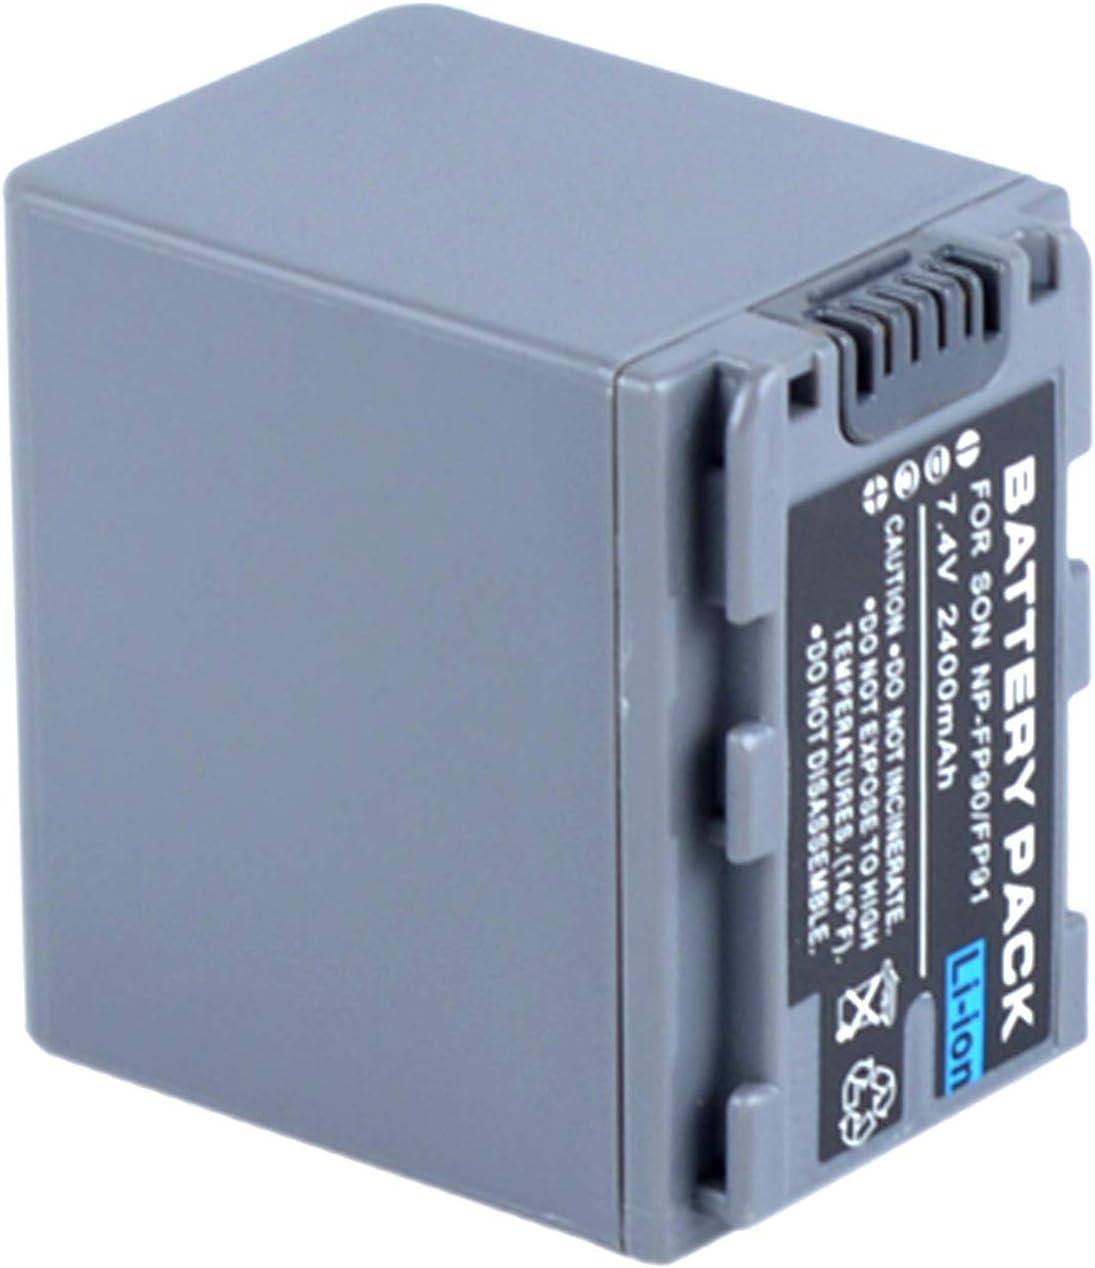 LCD Fast Battery Charger for Sony DCR-DVD605 DCR-DVD605E DCR-DVD653E Handycam Camcorder DCR-DVD653